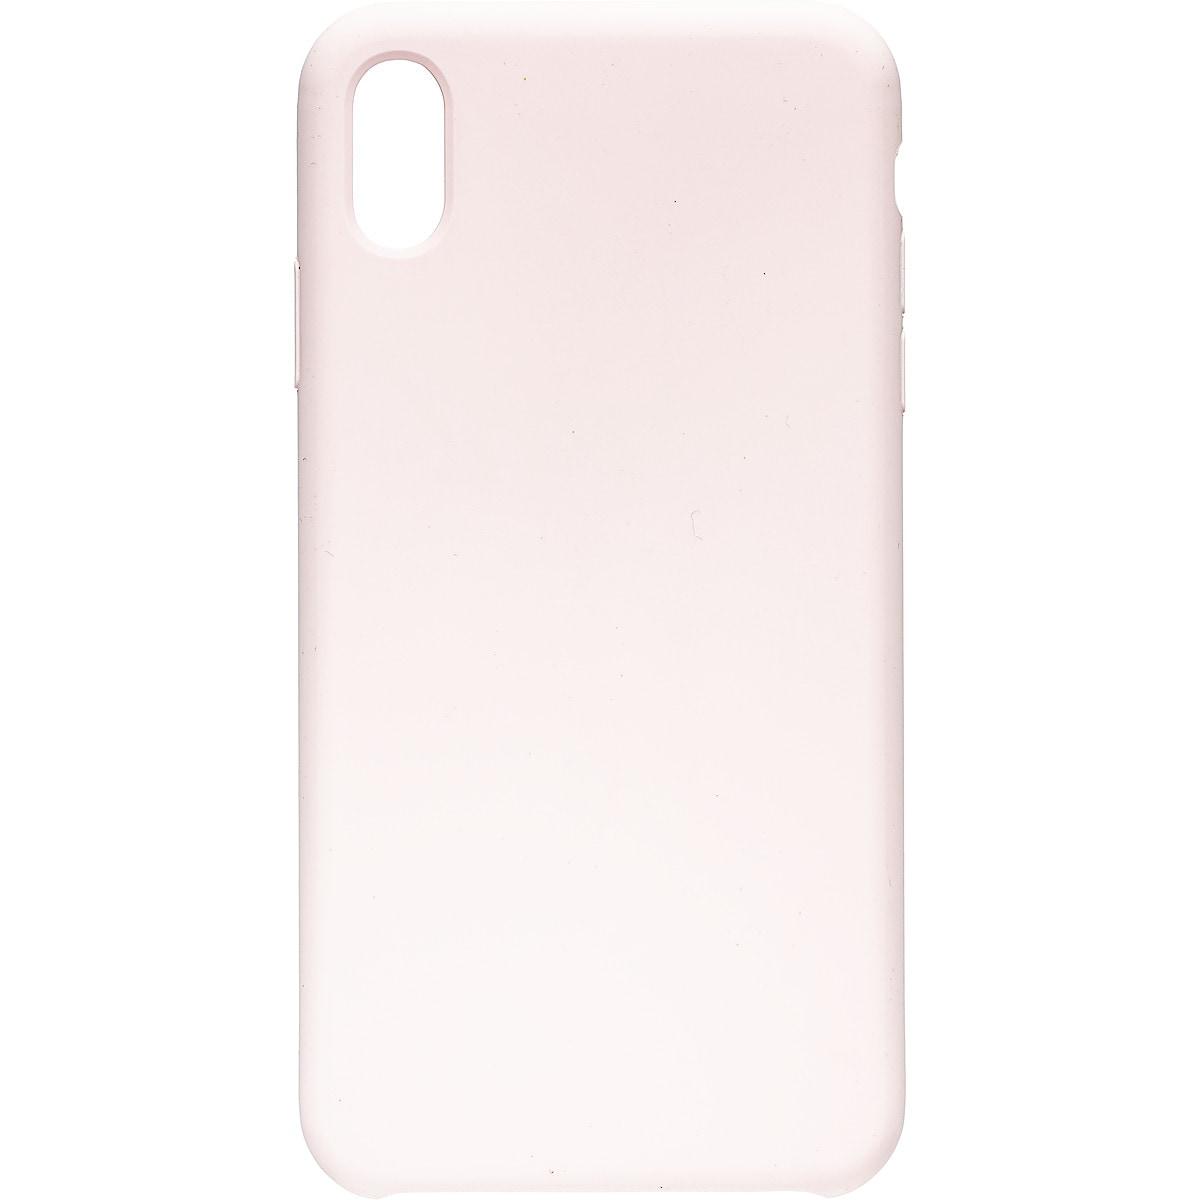 Mobilskal för iPhone XS Max